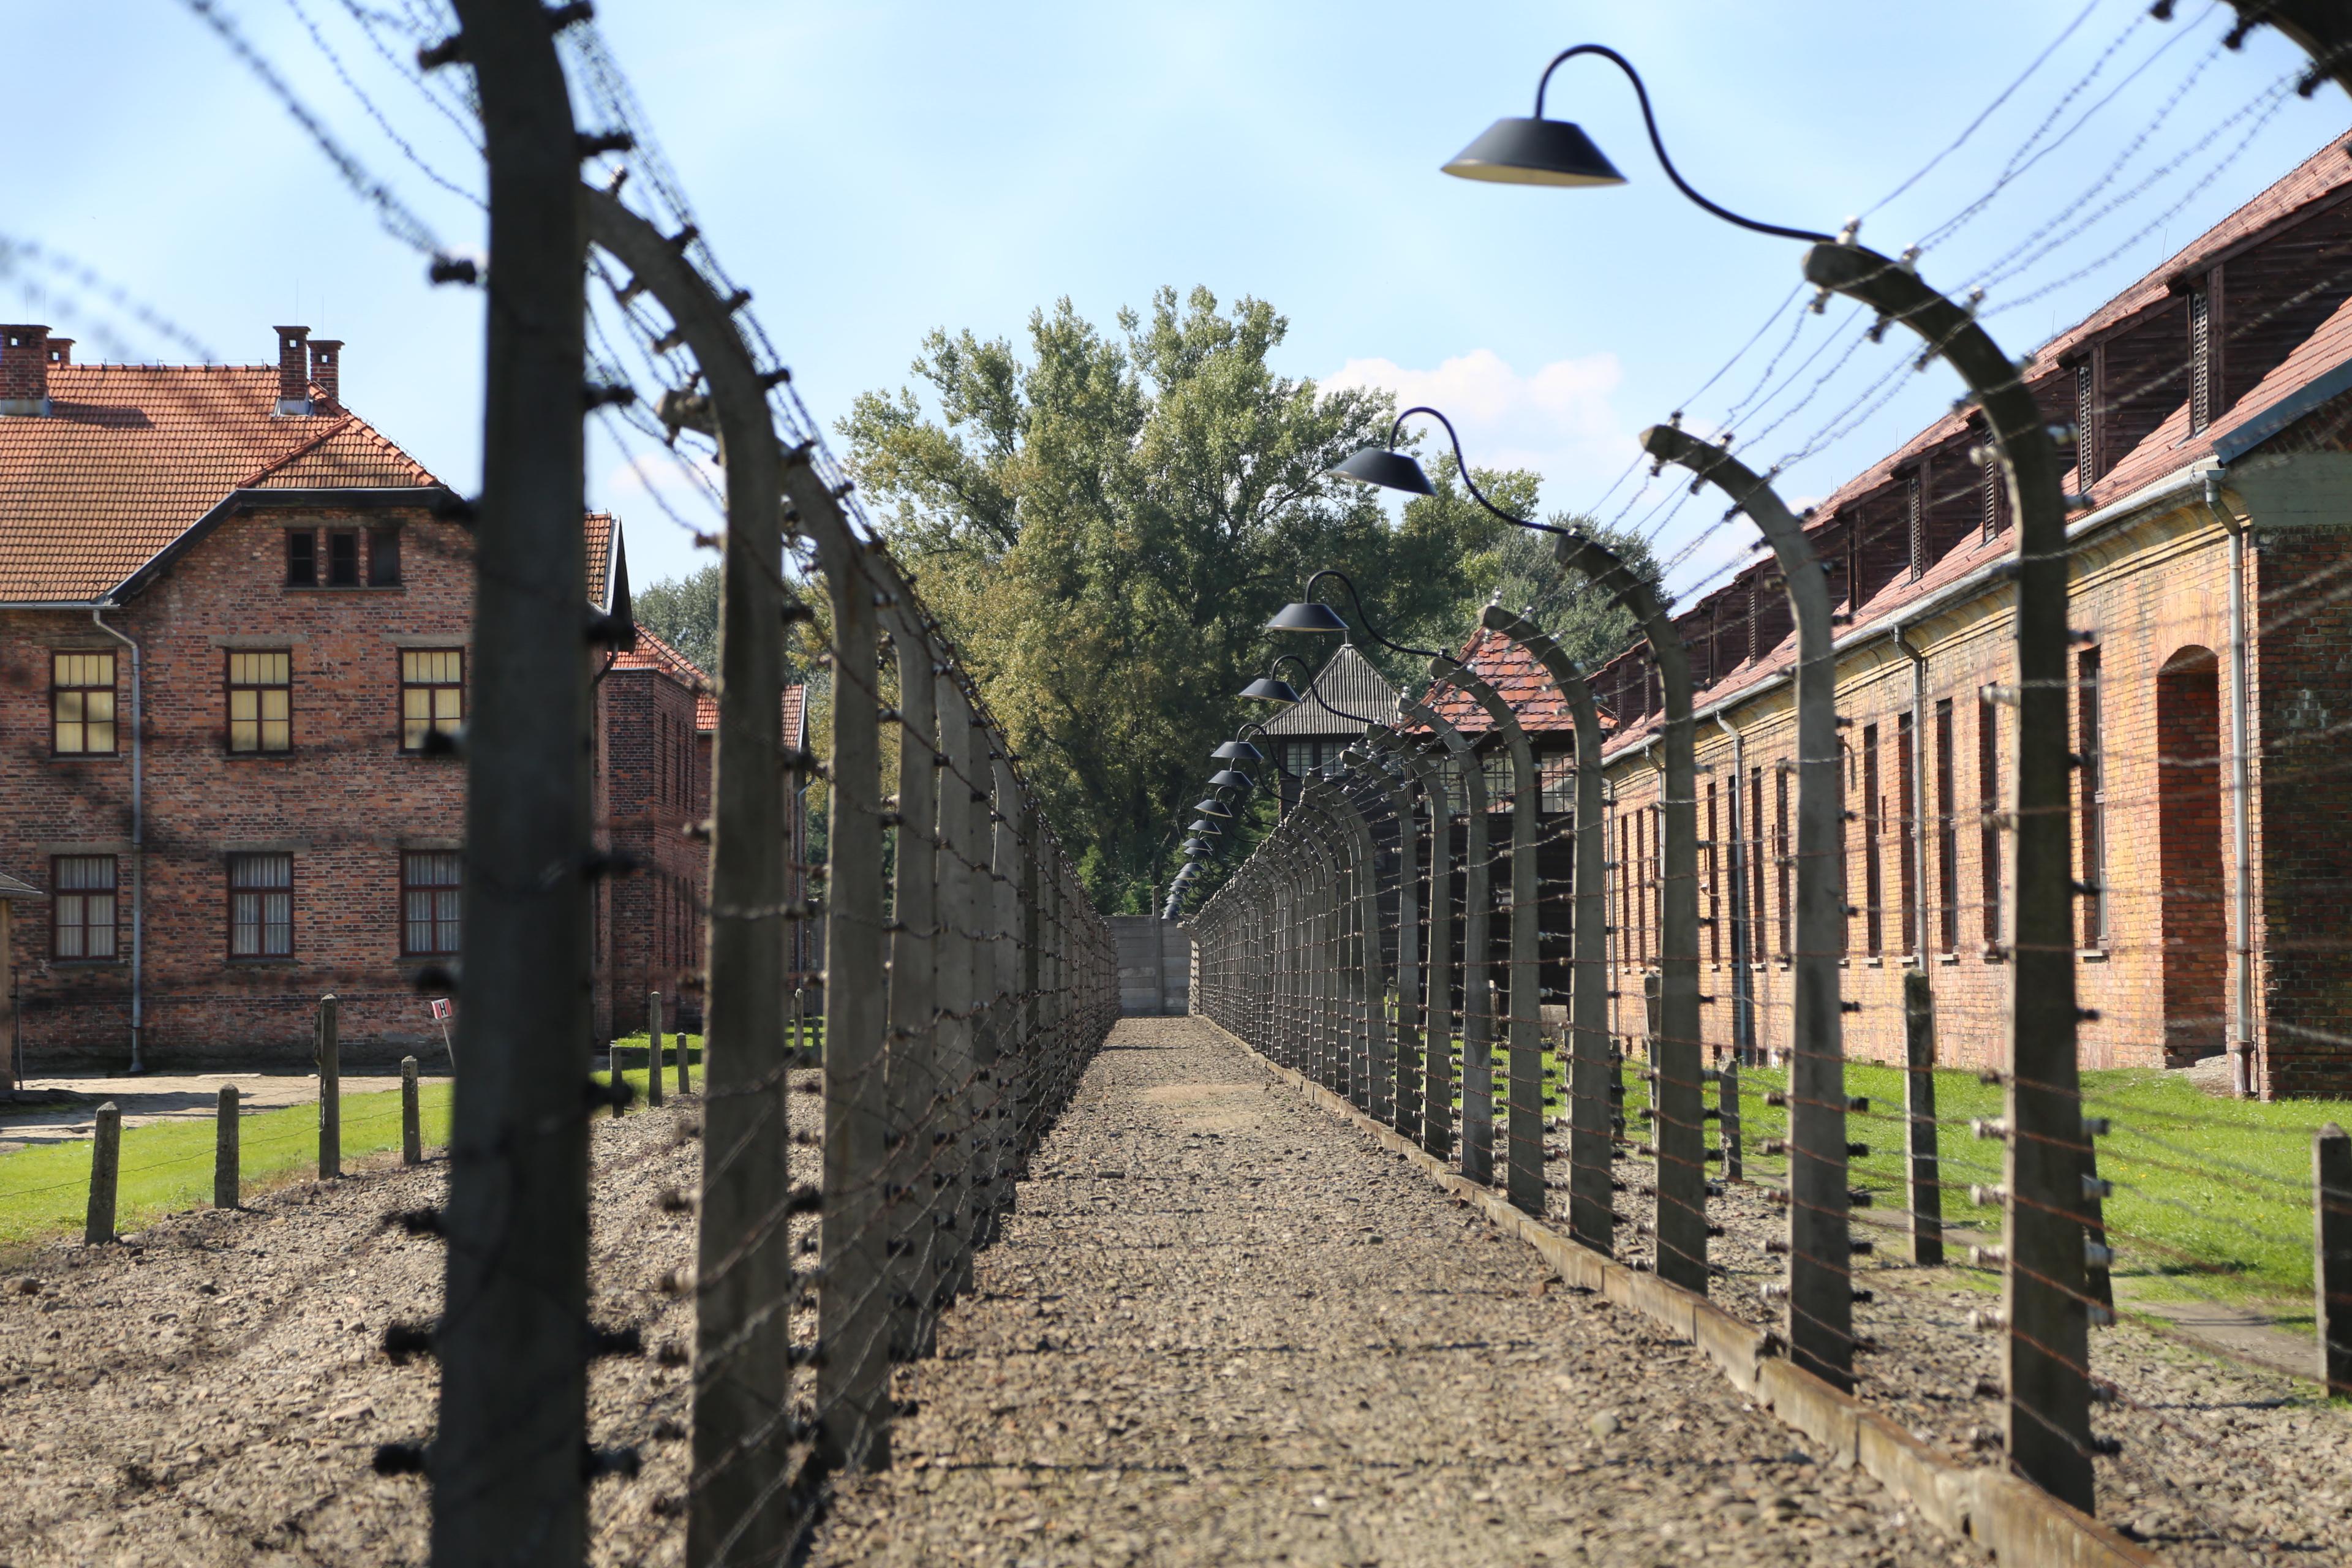 【抗命時代】奧斯威辛集中營 — 頭髮的隨想 | 蔡蔡的空間